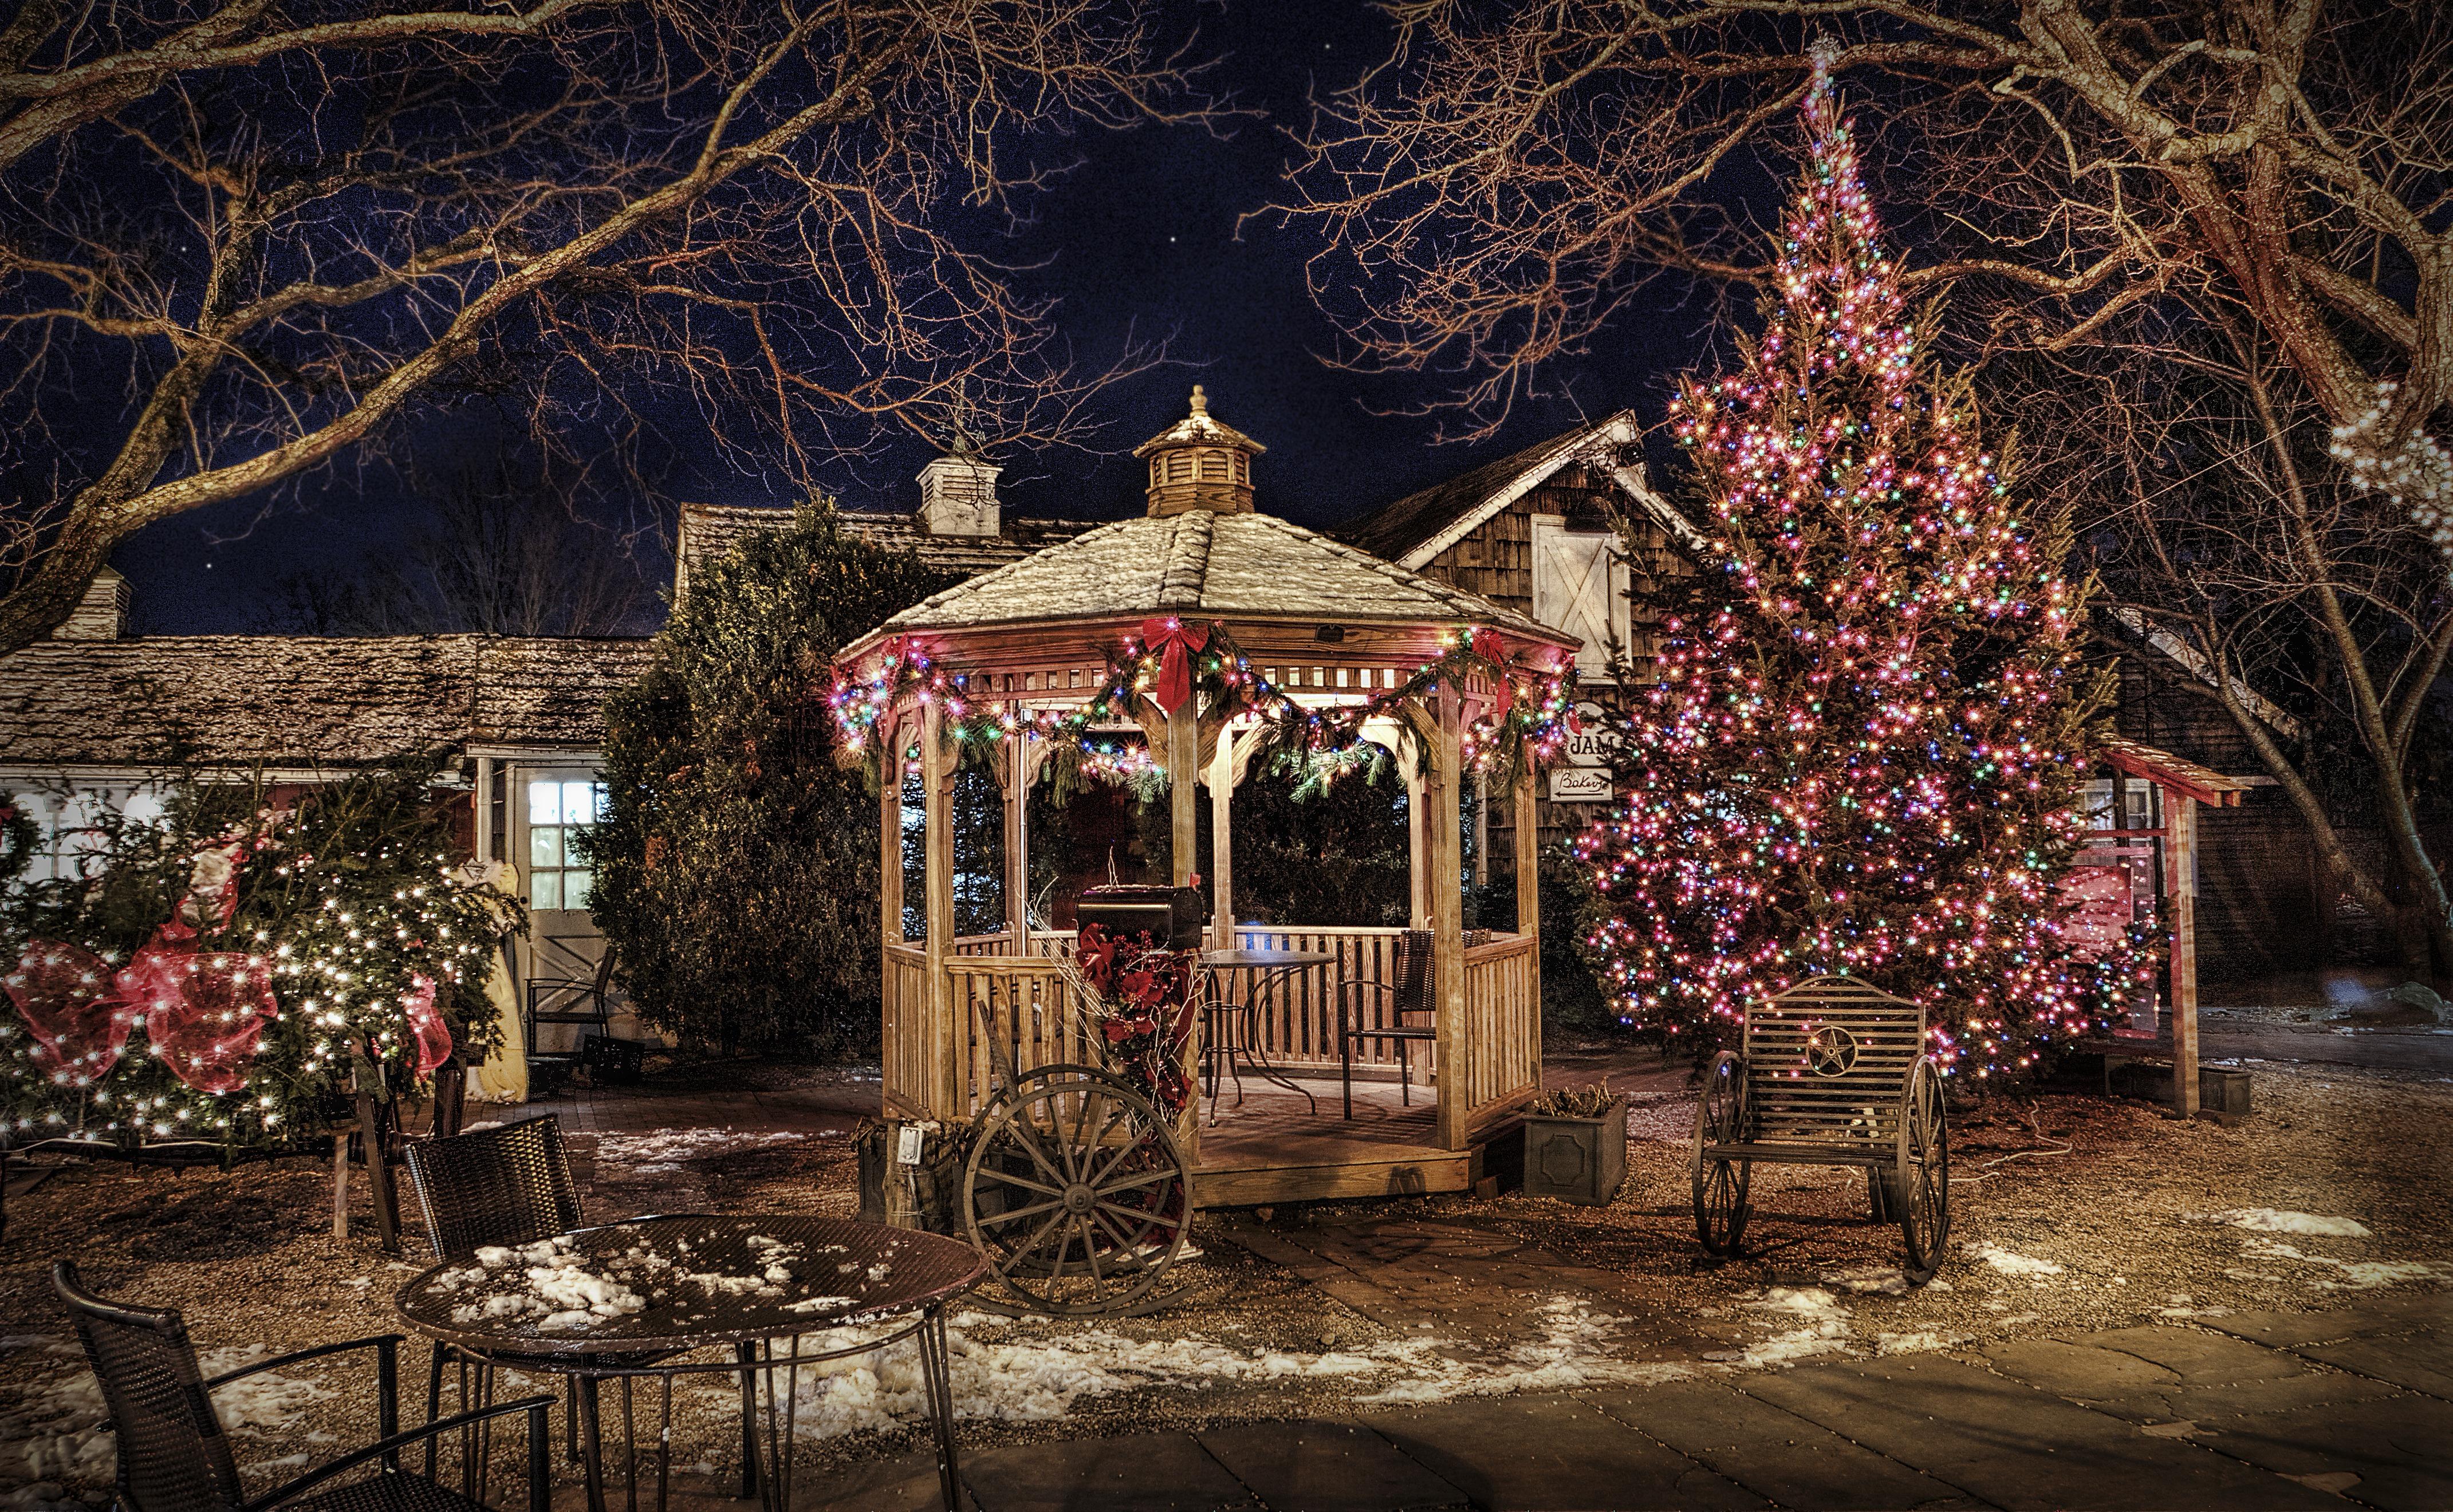 угодно, фотосессия зимой во дворе загородного дома сорта дордонь хорошо